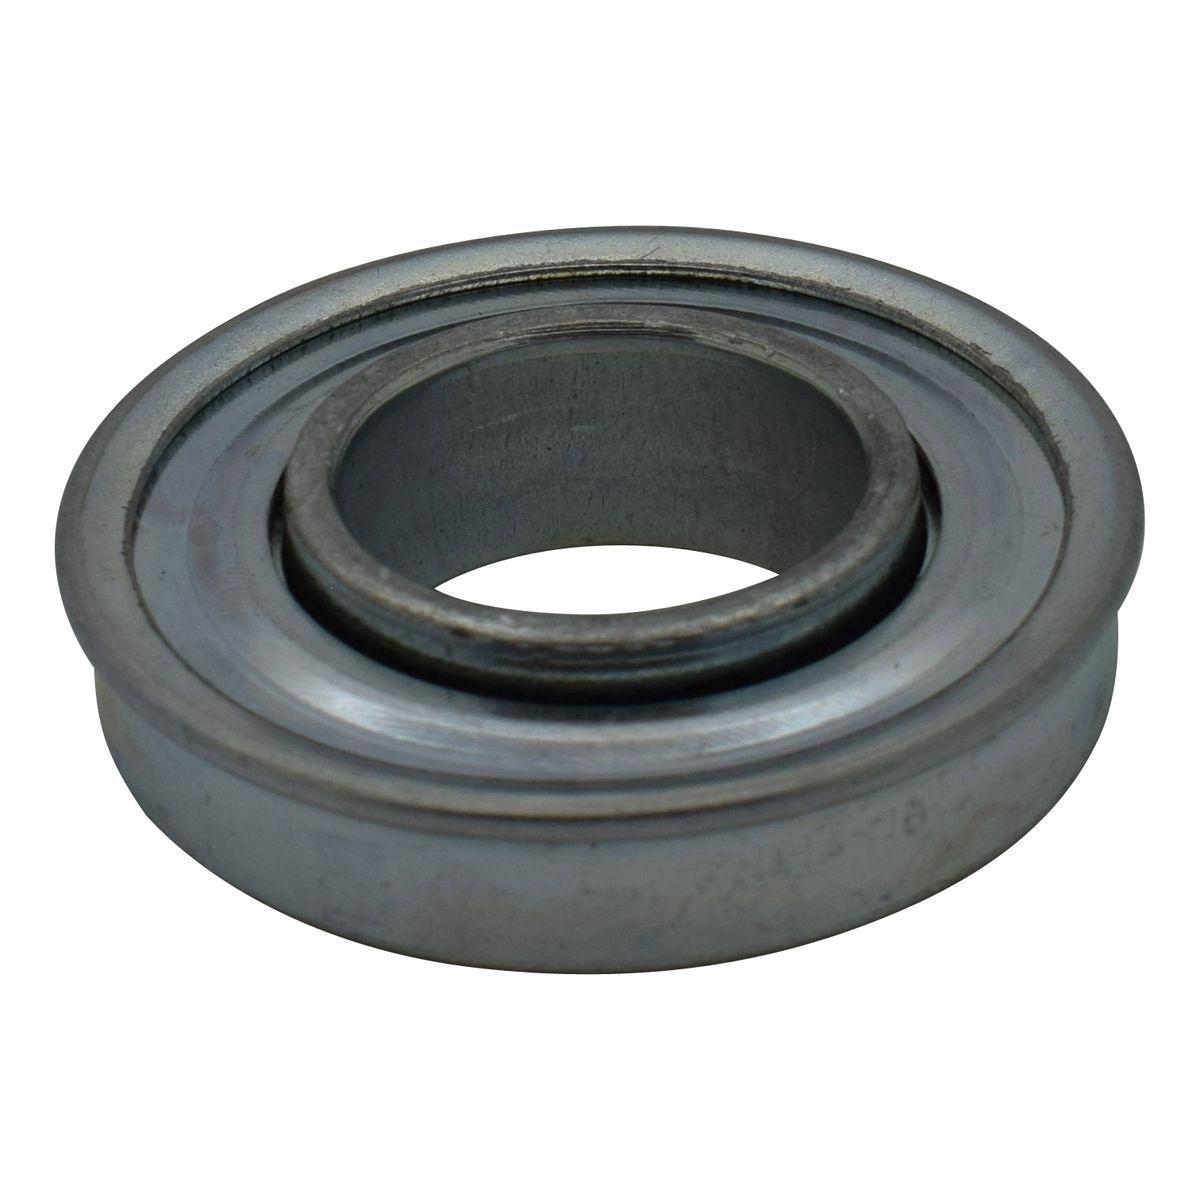 Bearings and bearing plates